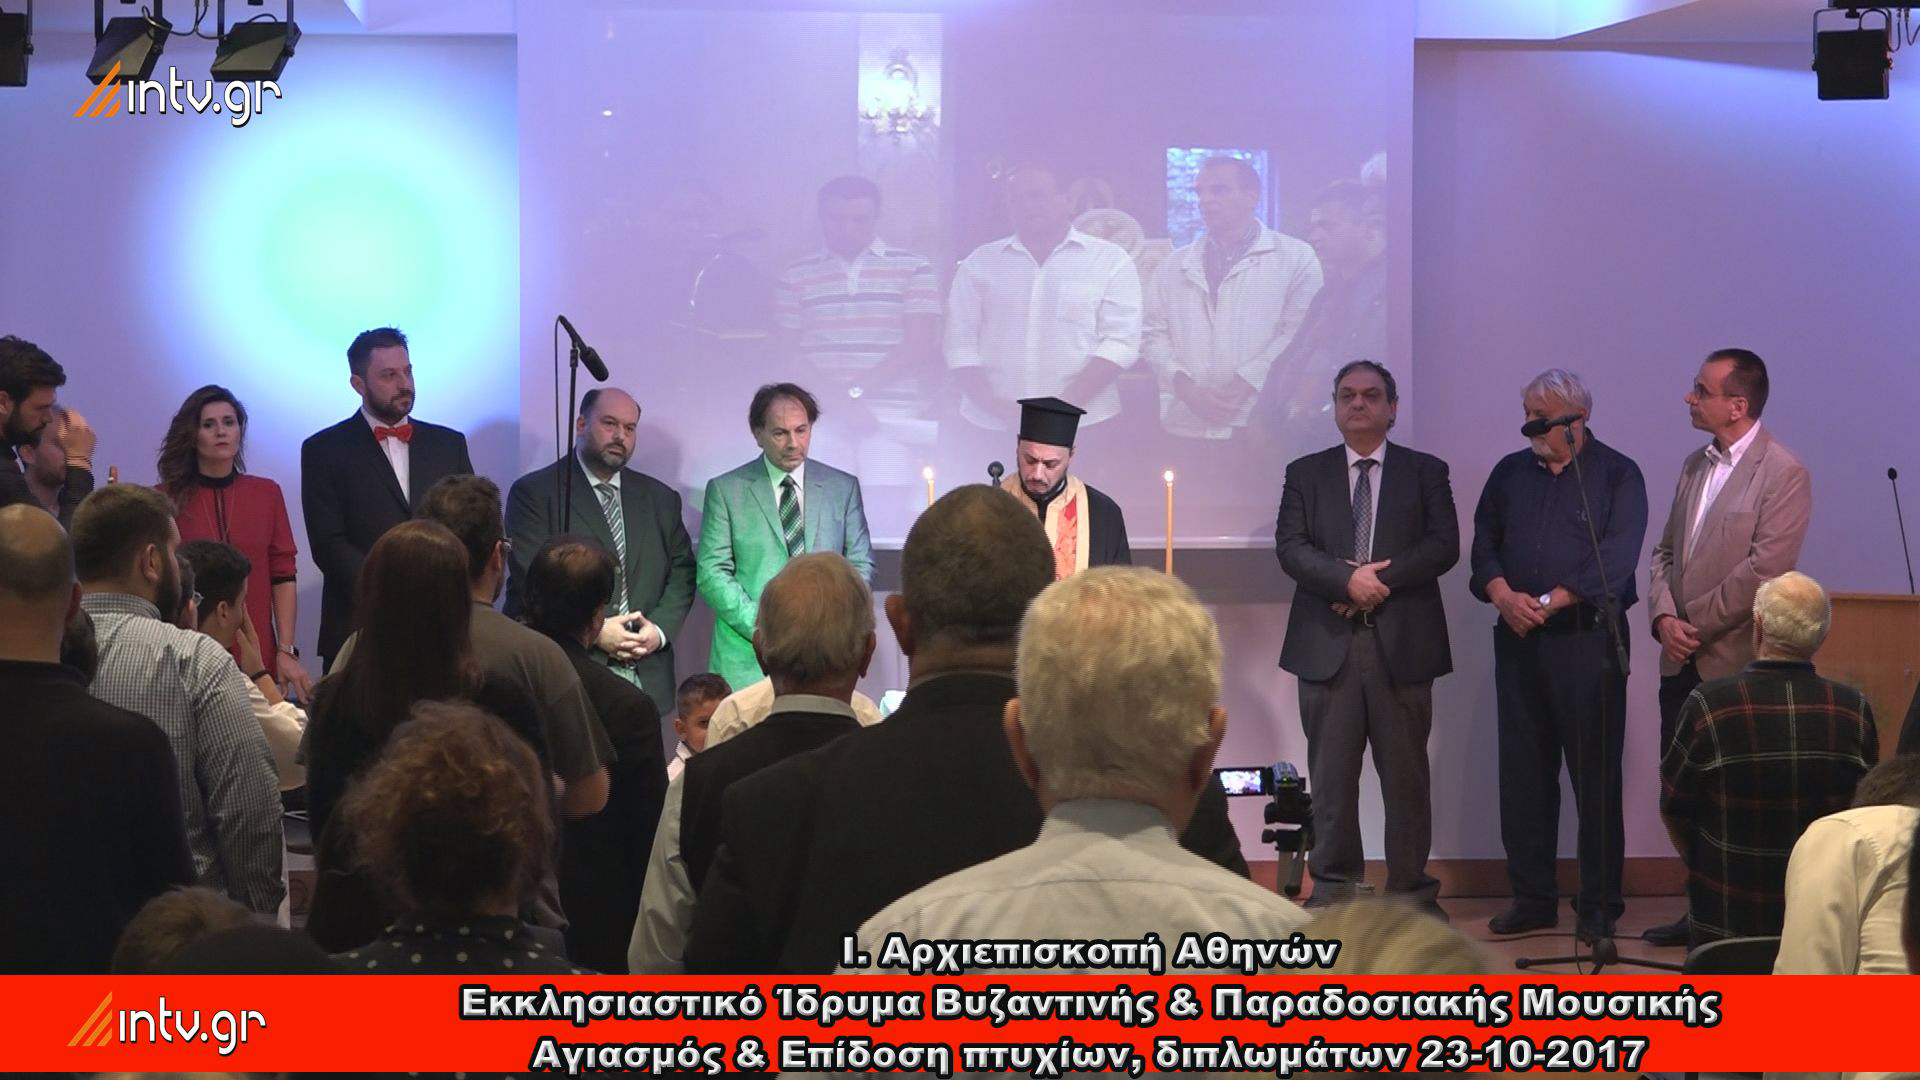 Ι. Αρχιεπισκοπή Αθηνών Εκκλησιαστικό Ίδρυμα Βυζαντινής & Παραδοσιακής Μουσικής Αγιασμός & Επίδοση πτυχίων, διπλωμάτων